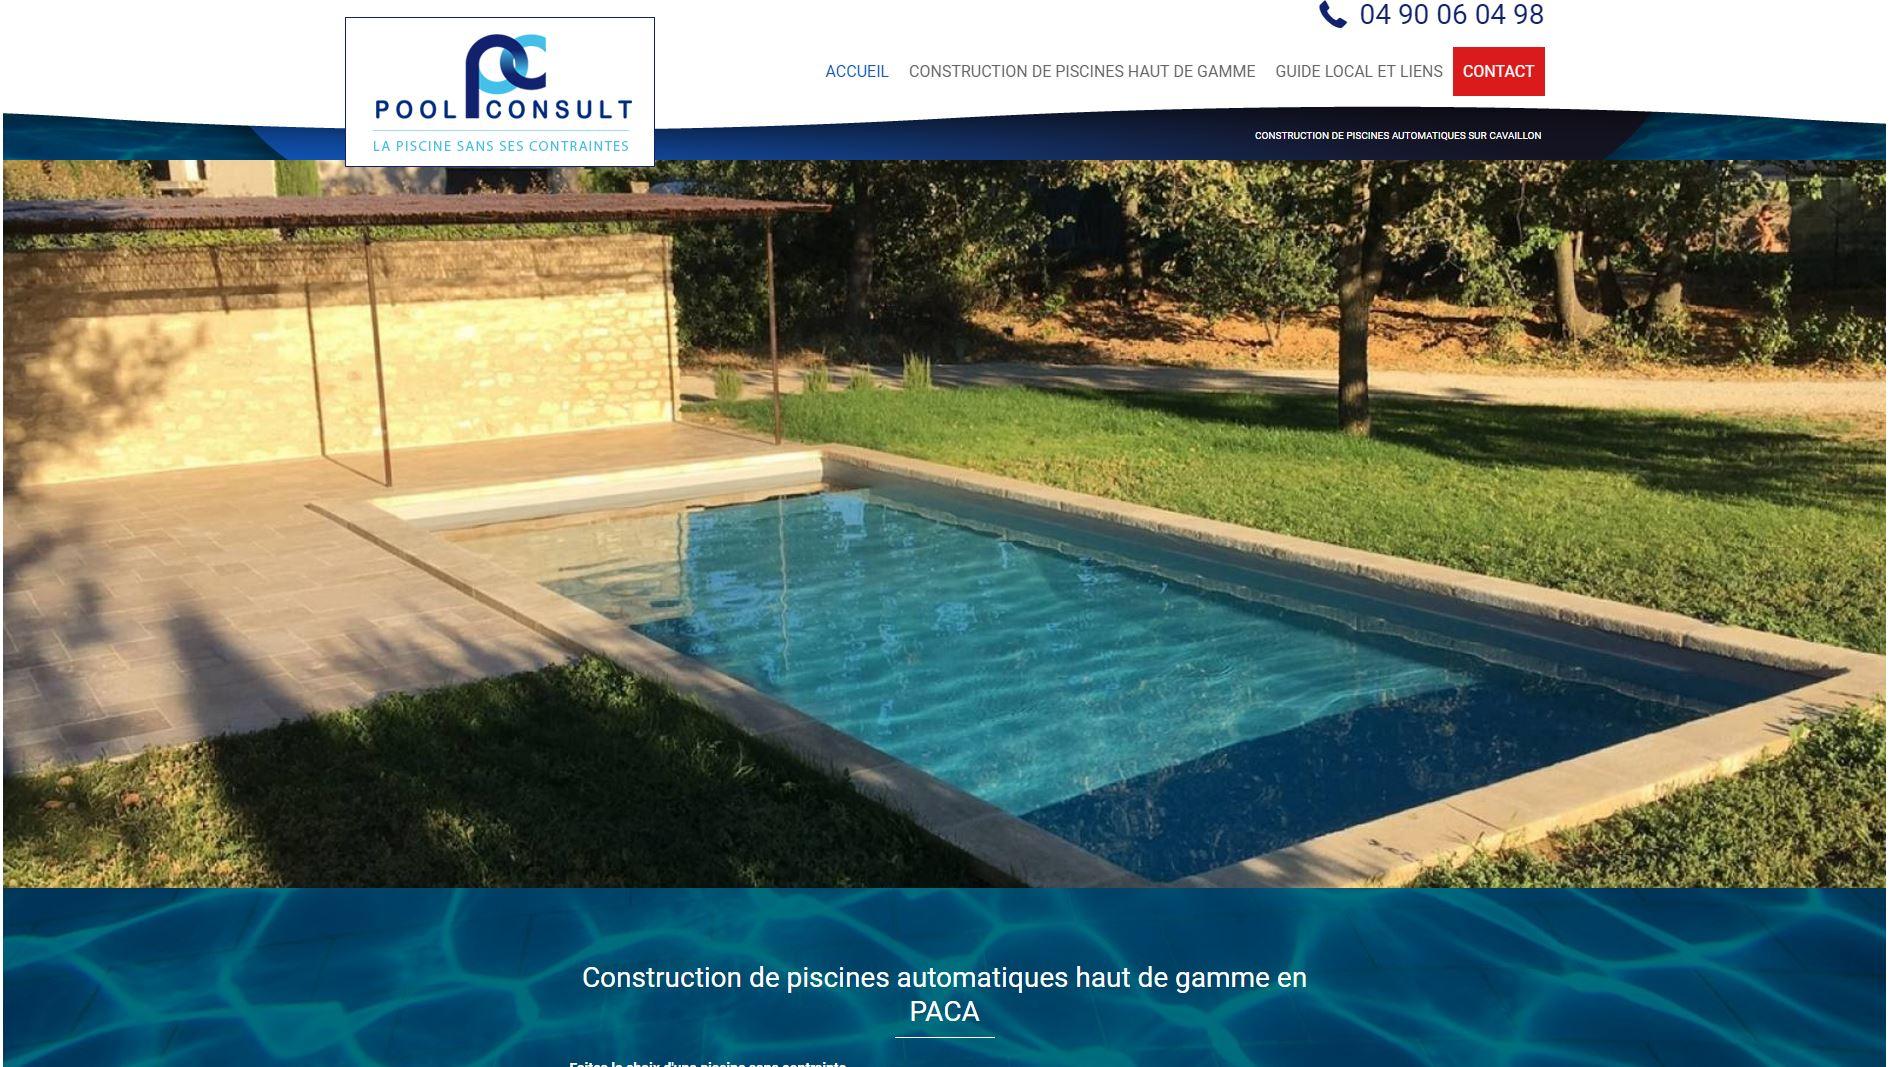 Vente piscine haut de gamme Cavaillon